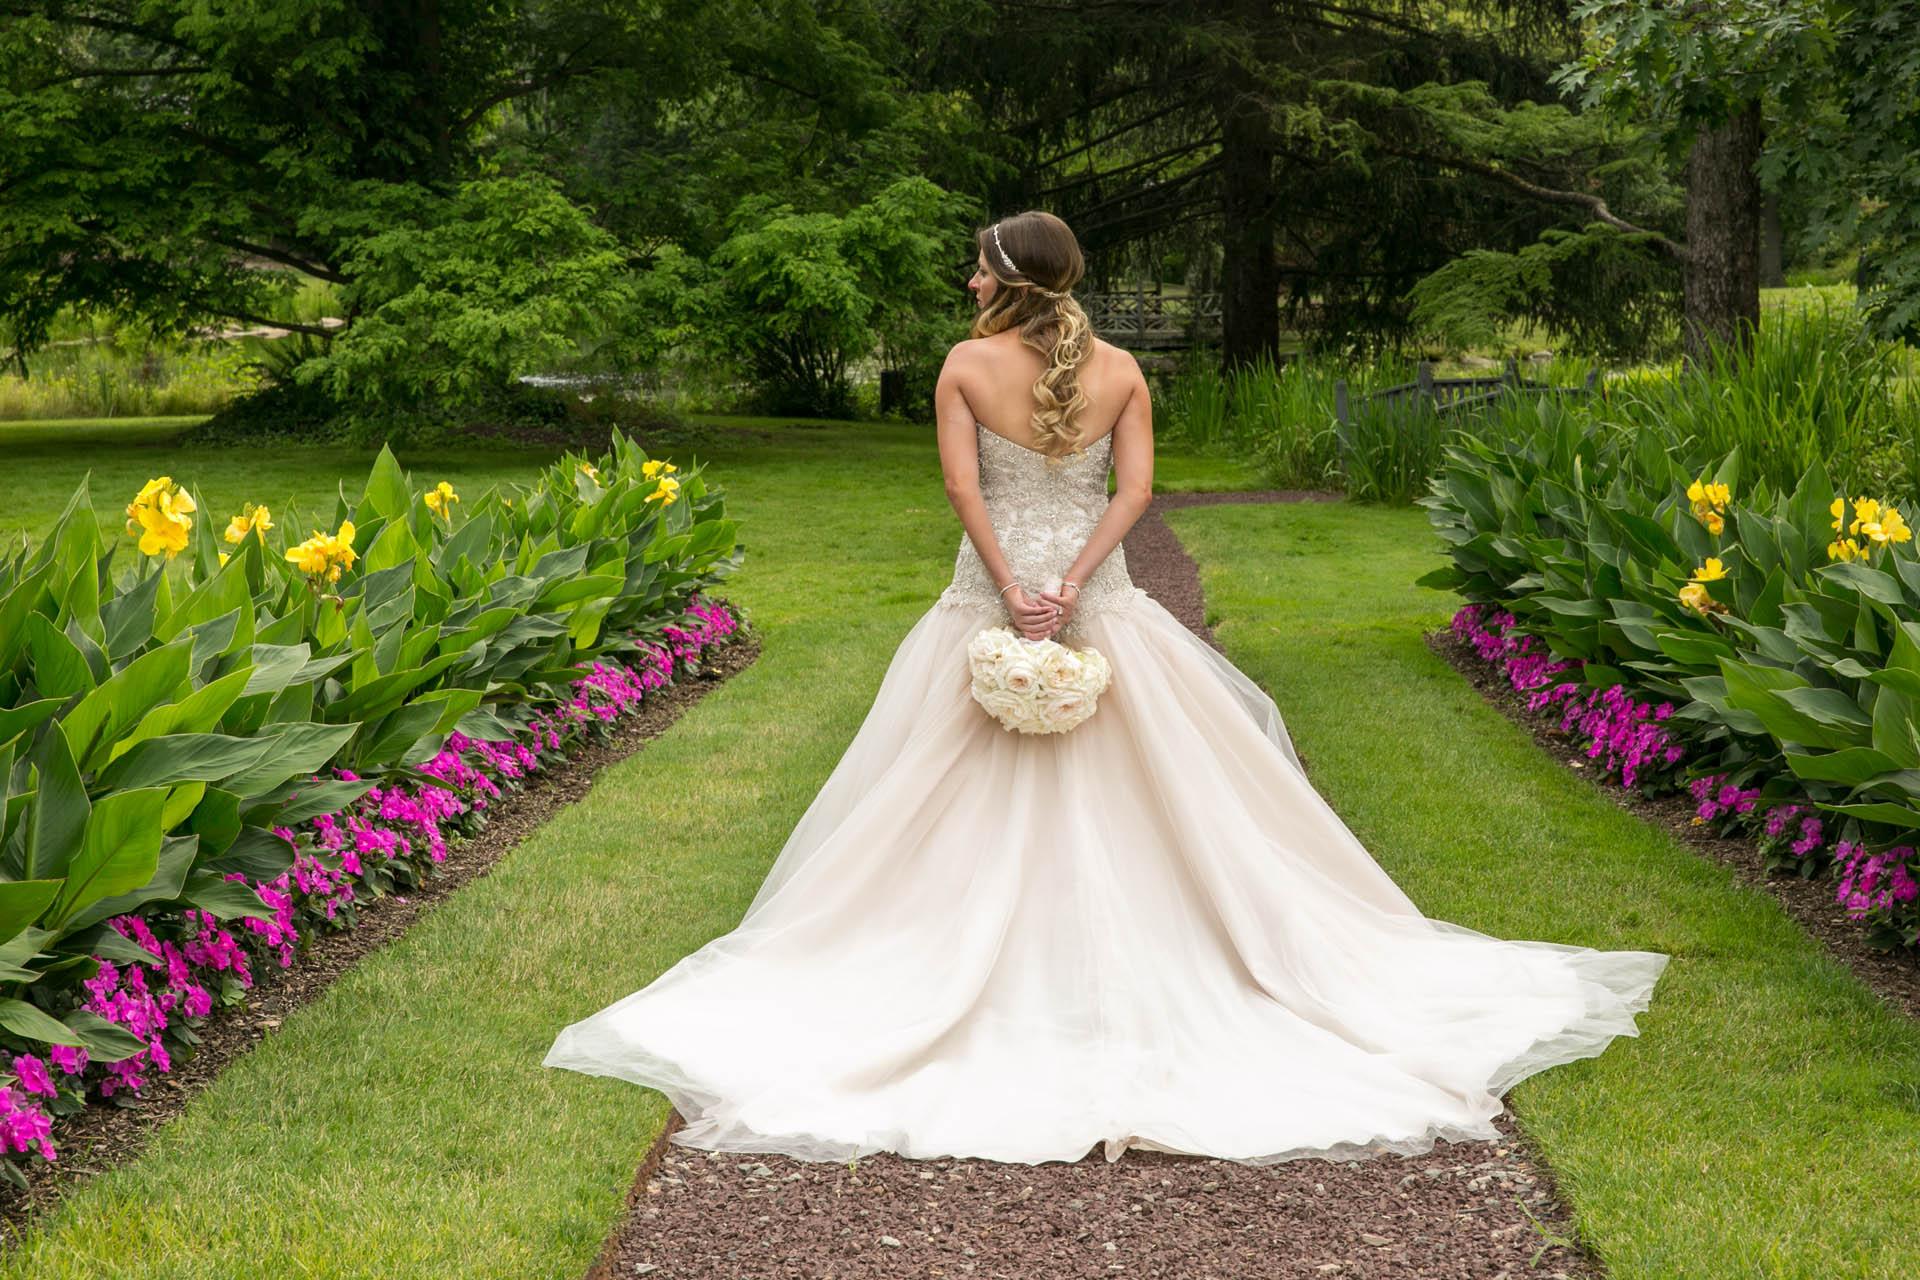 bride nj garden photos